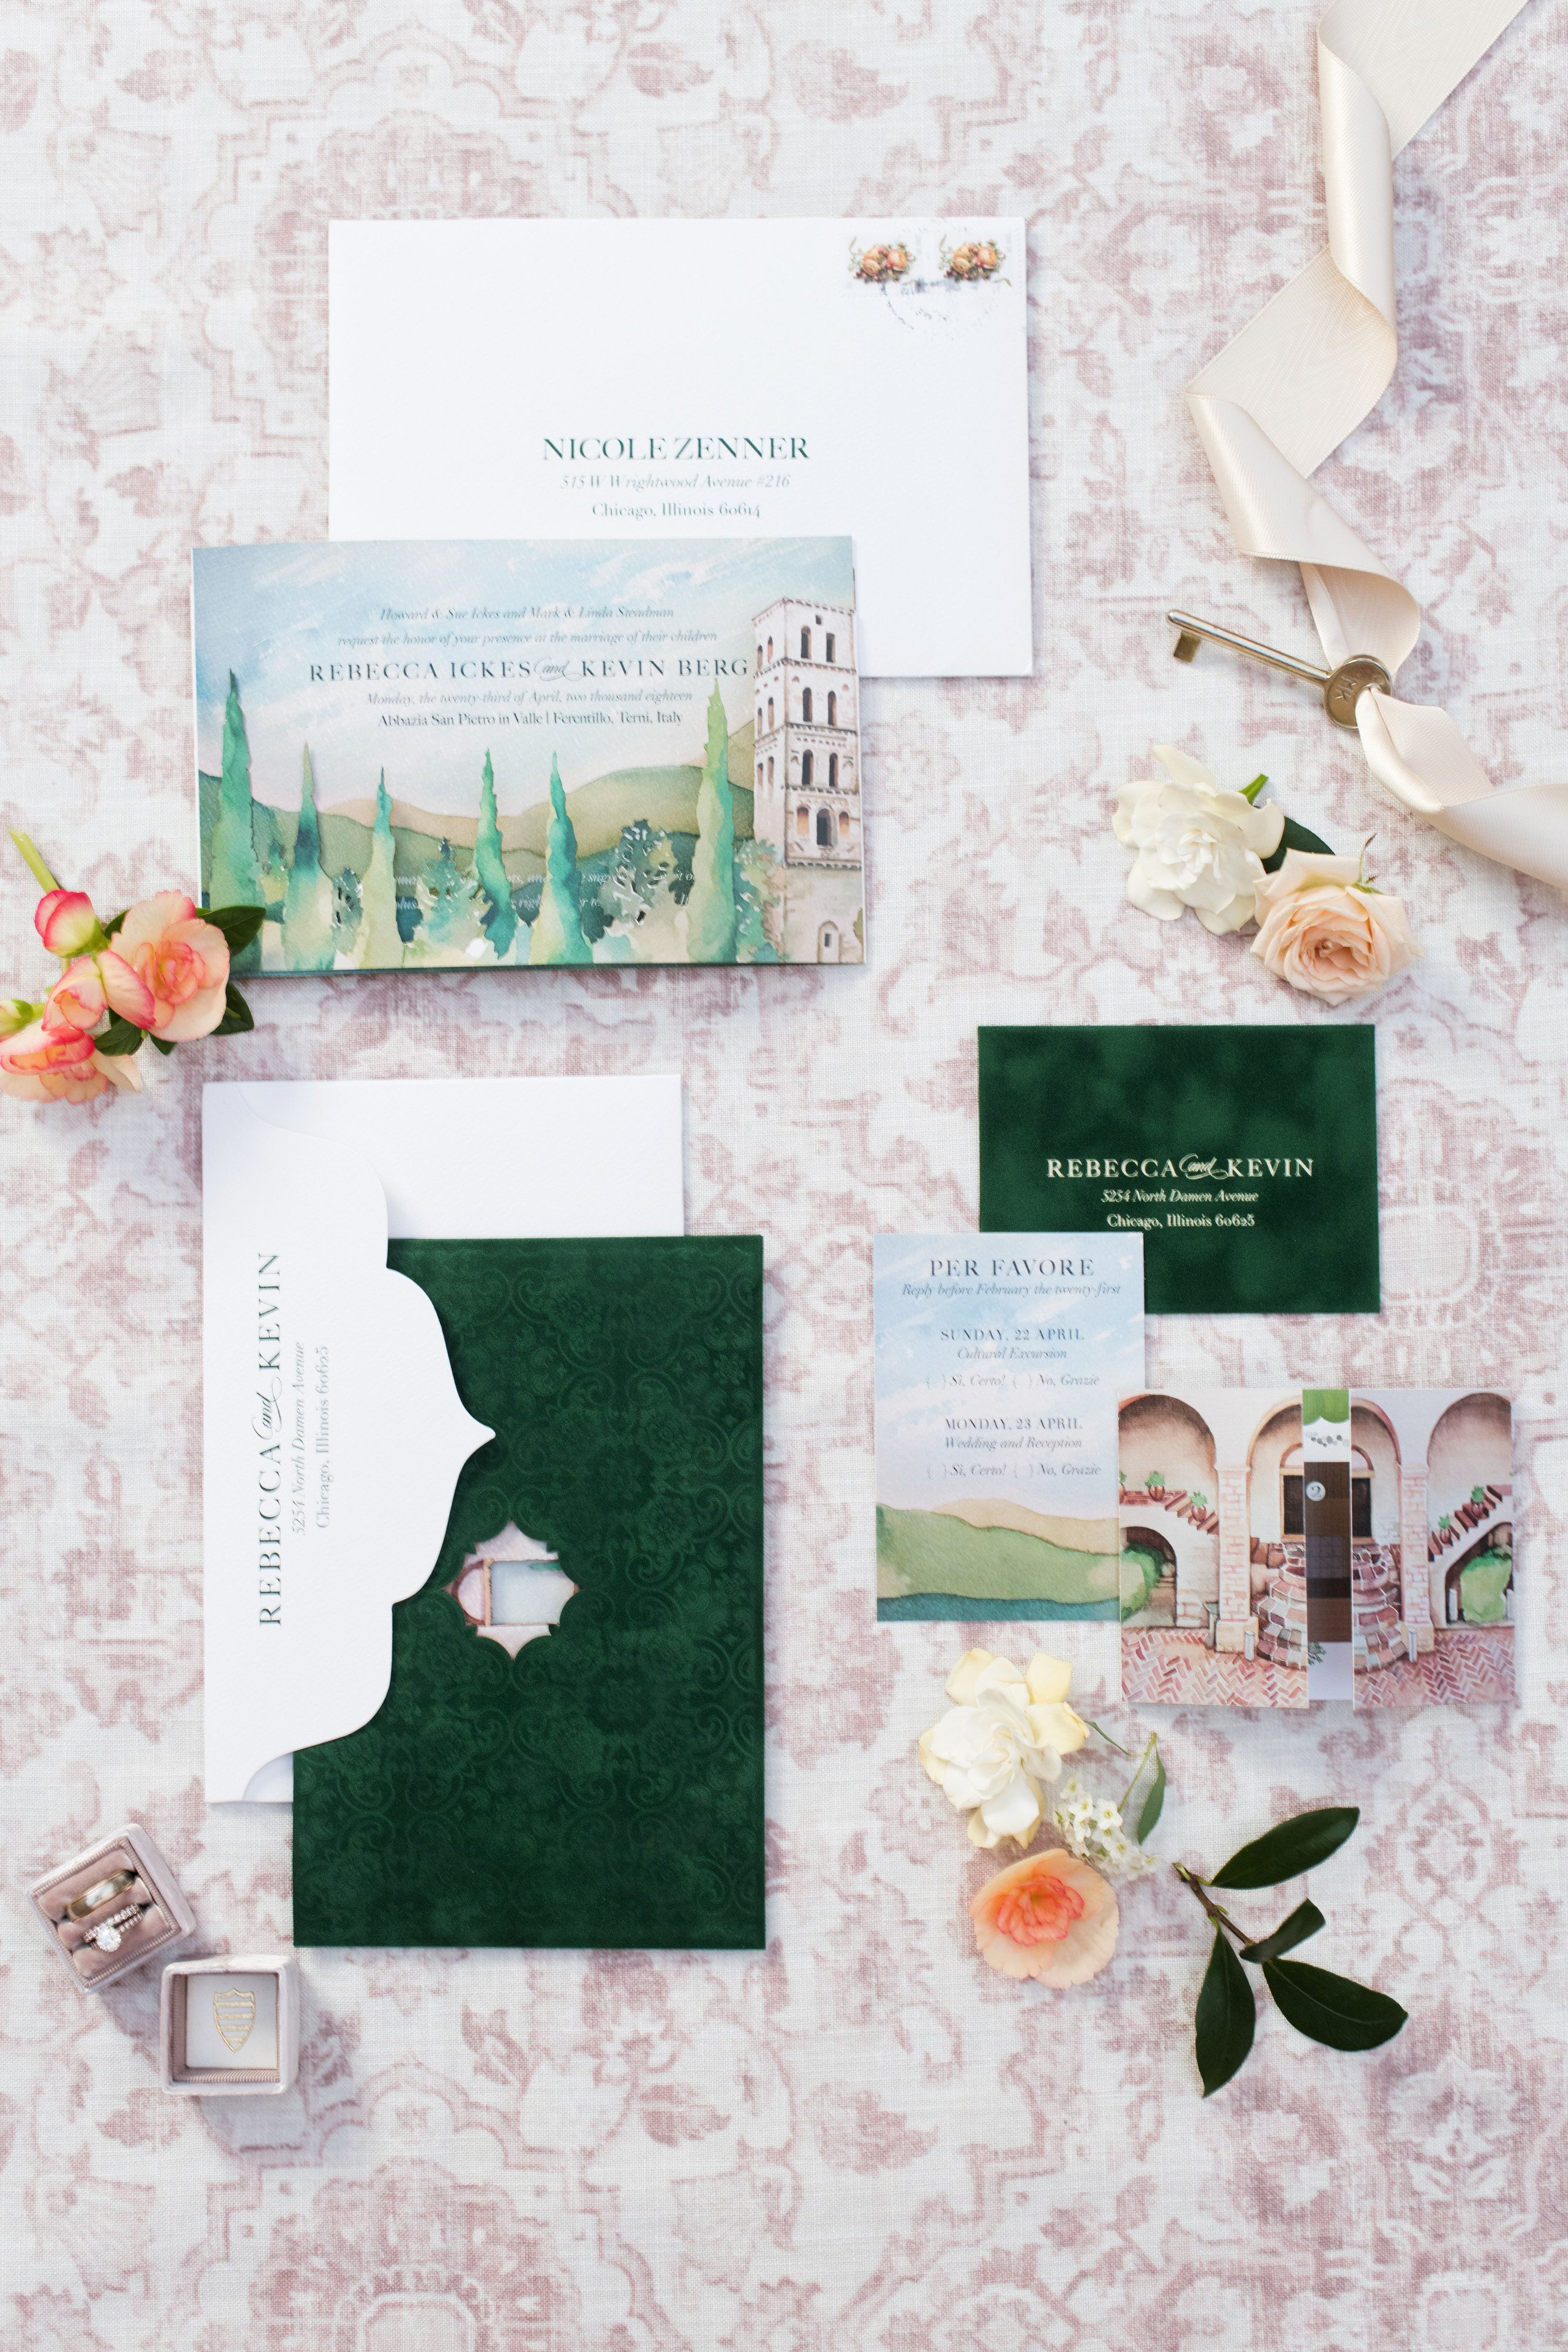 Partecipazioni Matrimonio Zen.Rebecca Kevin Invitation Zen Events Chicago Rebecca Marie Art